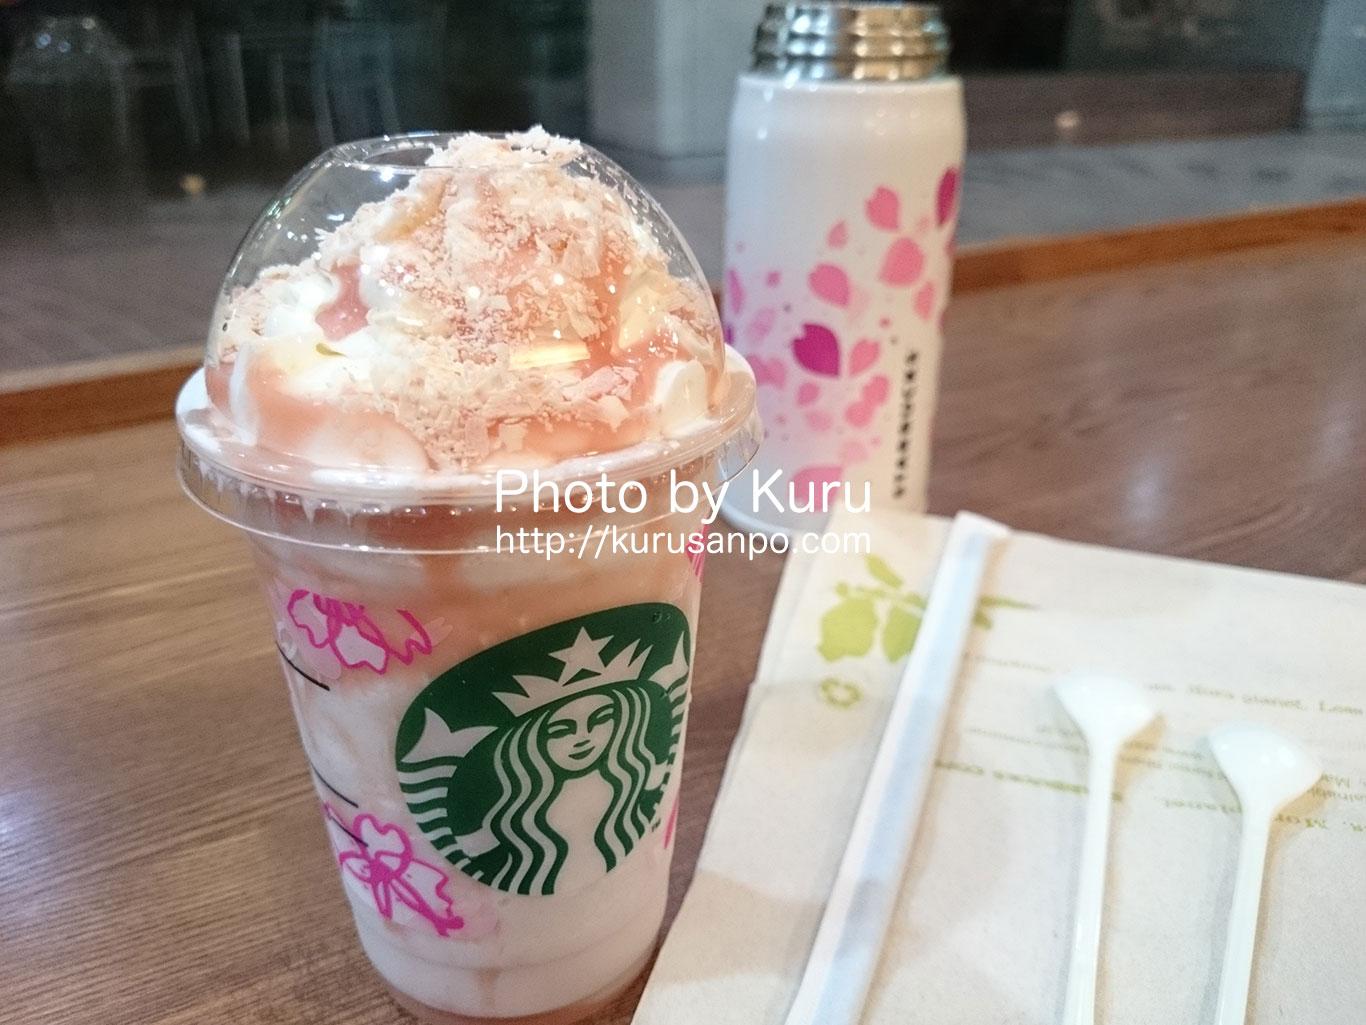 スターバックスコーヒーの『SAKURAシリーズ2015』購入記録(第1弾)……